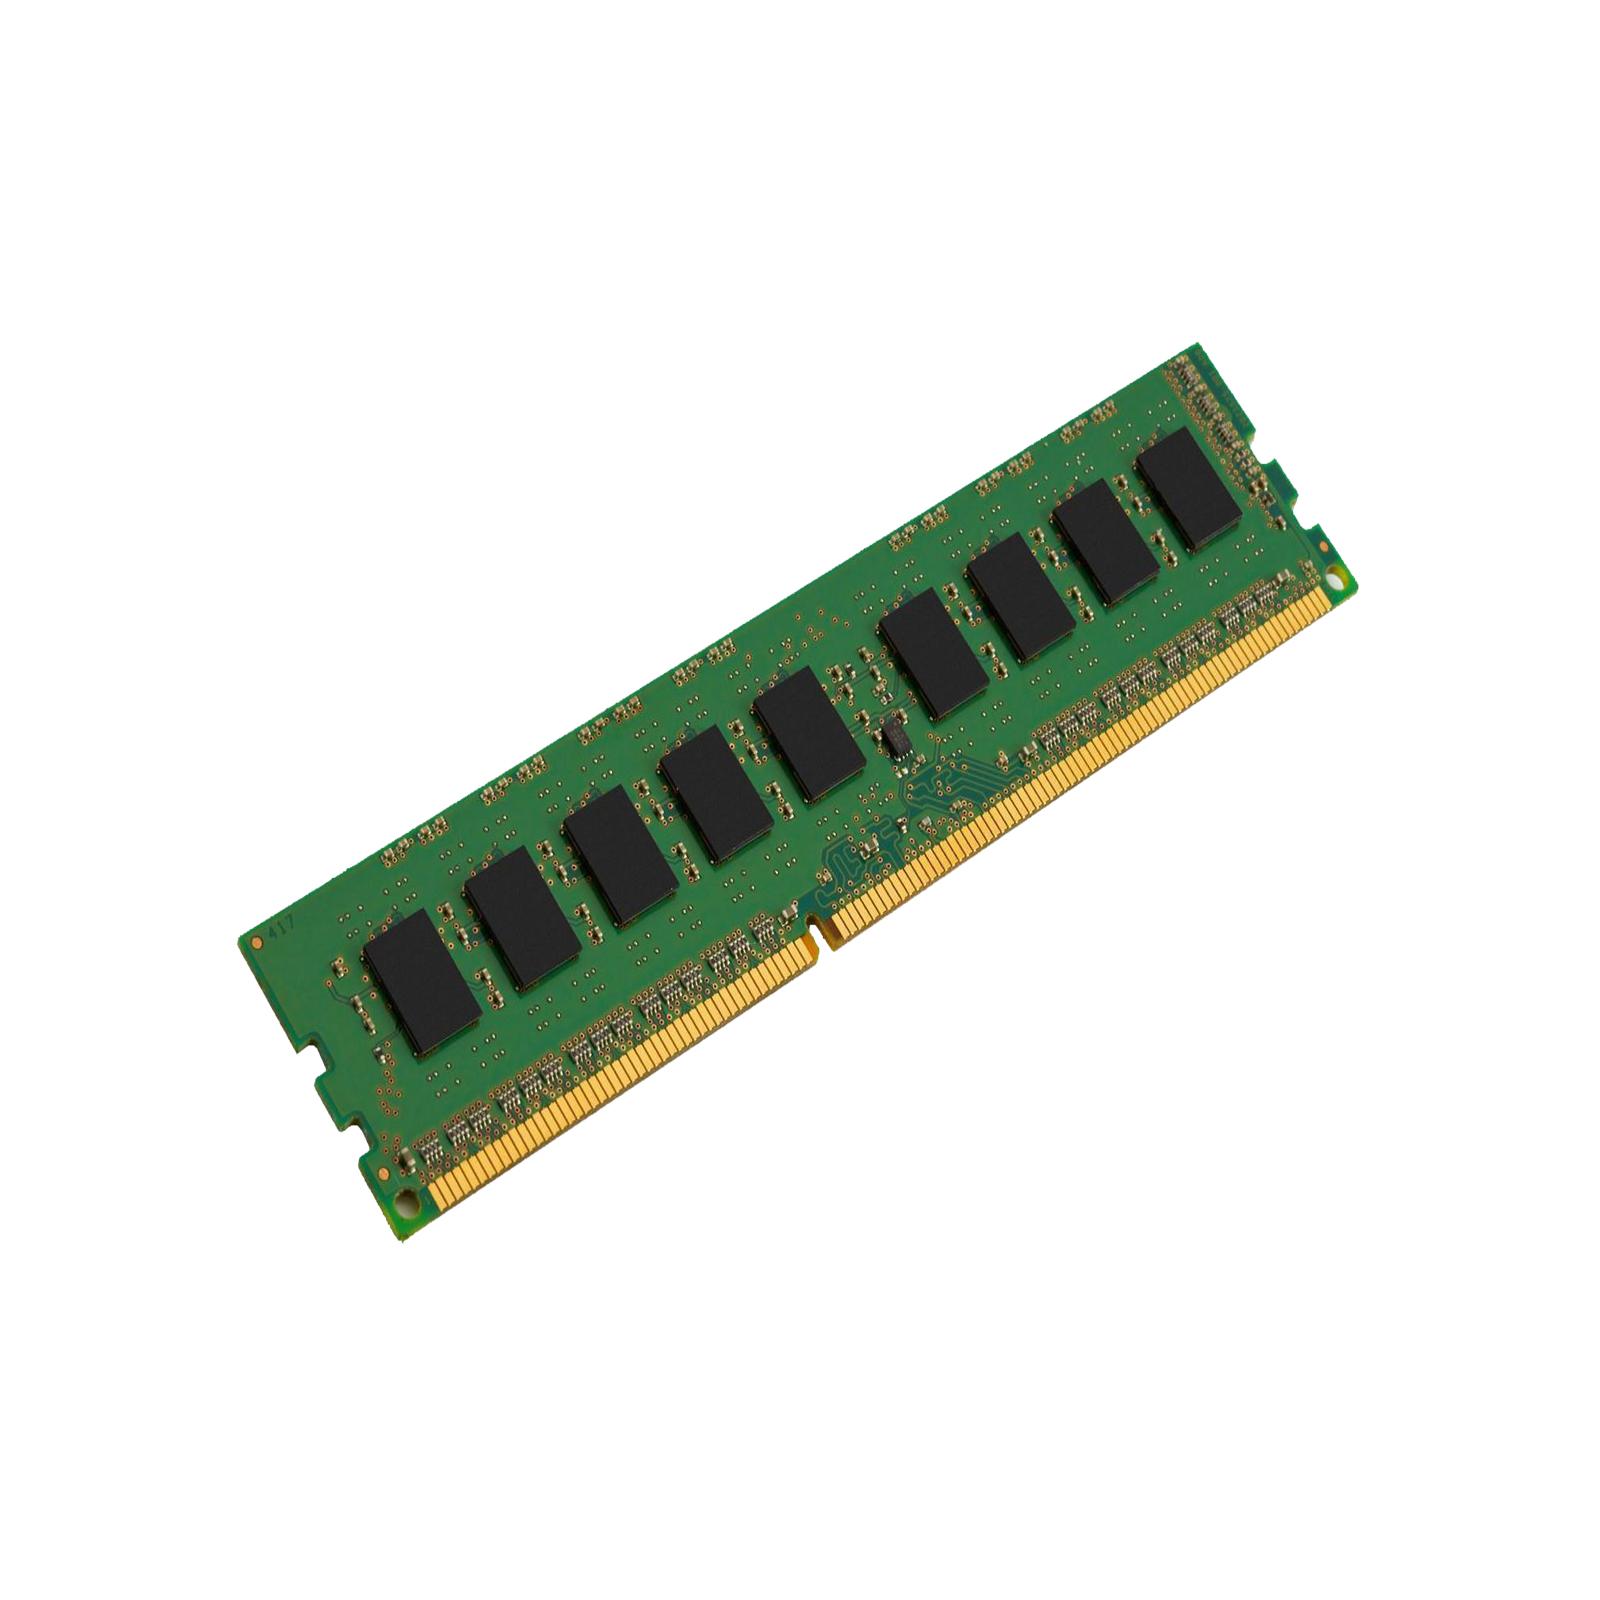 Fujitsu 8GB DDR3-1600 8GB DDR3 1600MHz Speichermodul